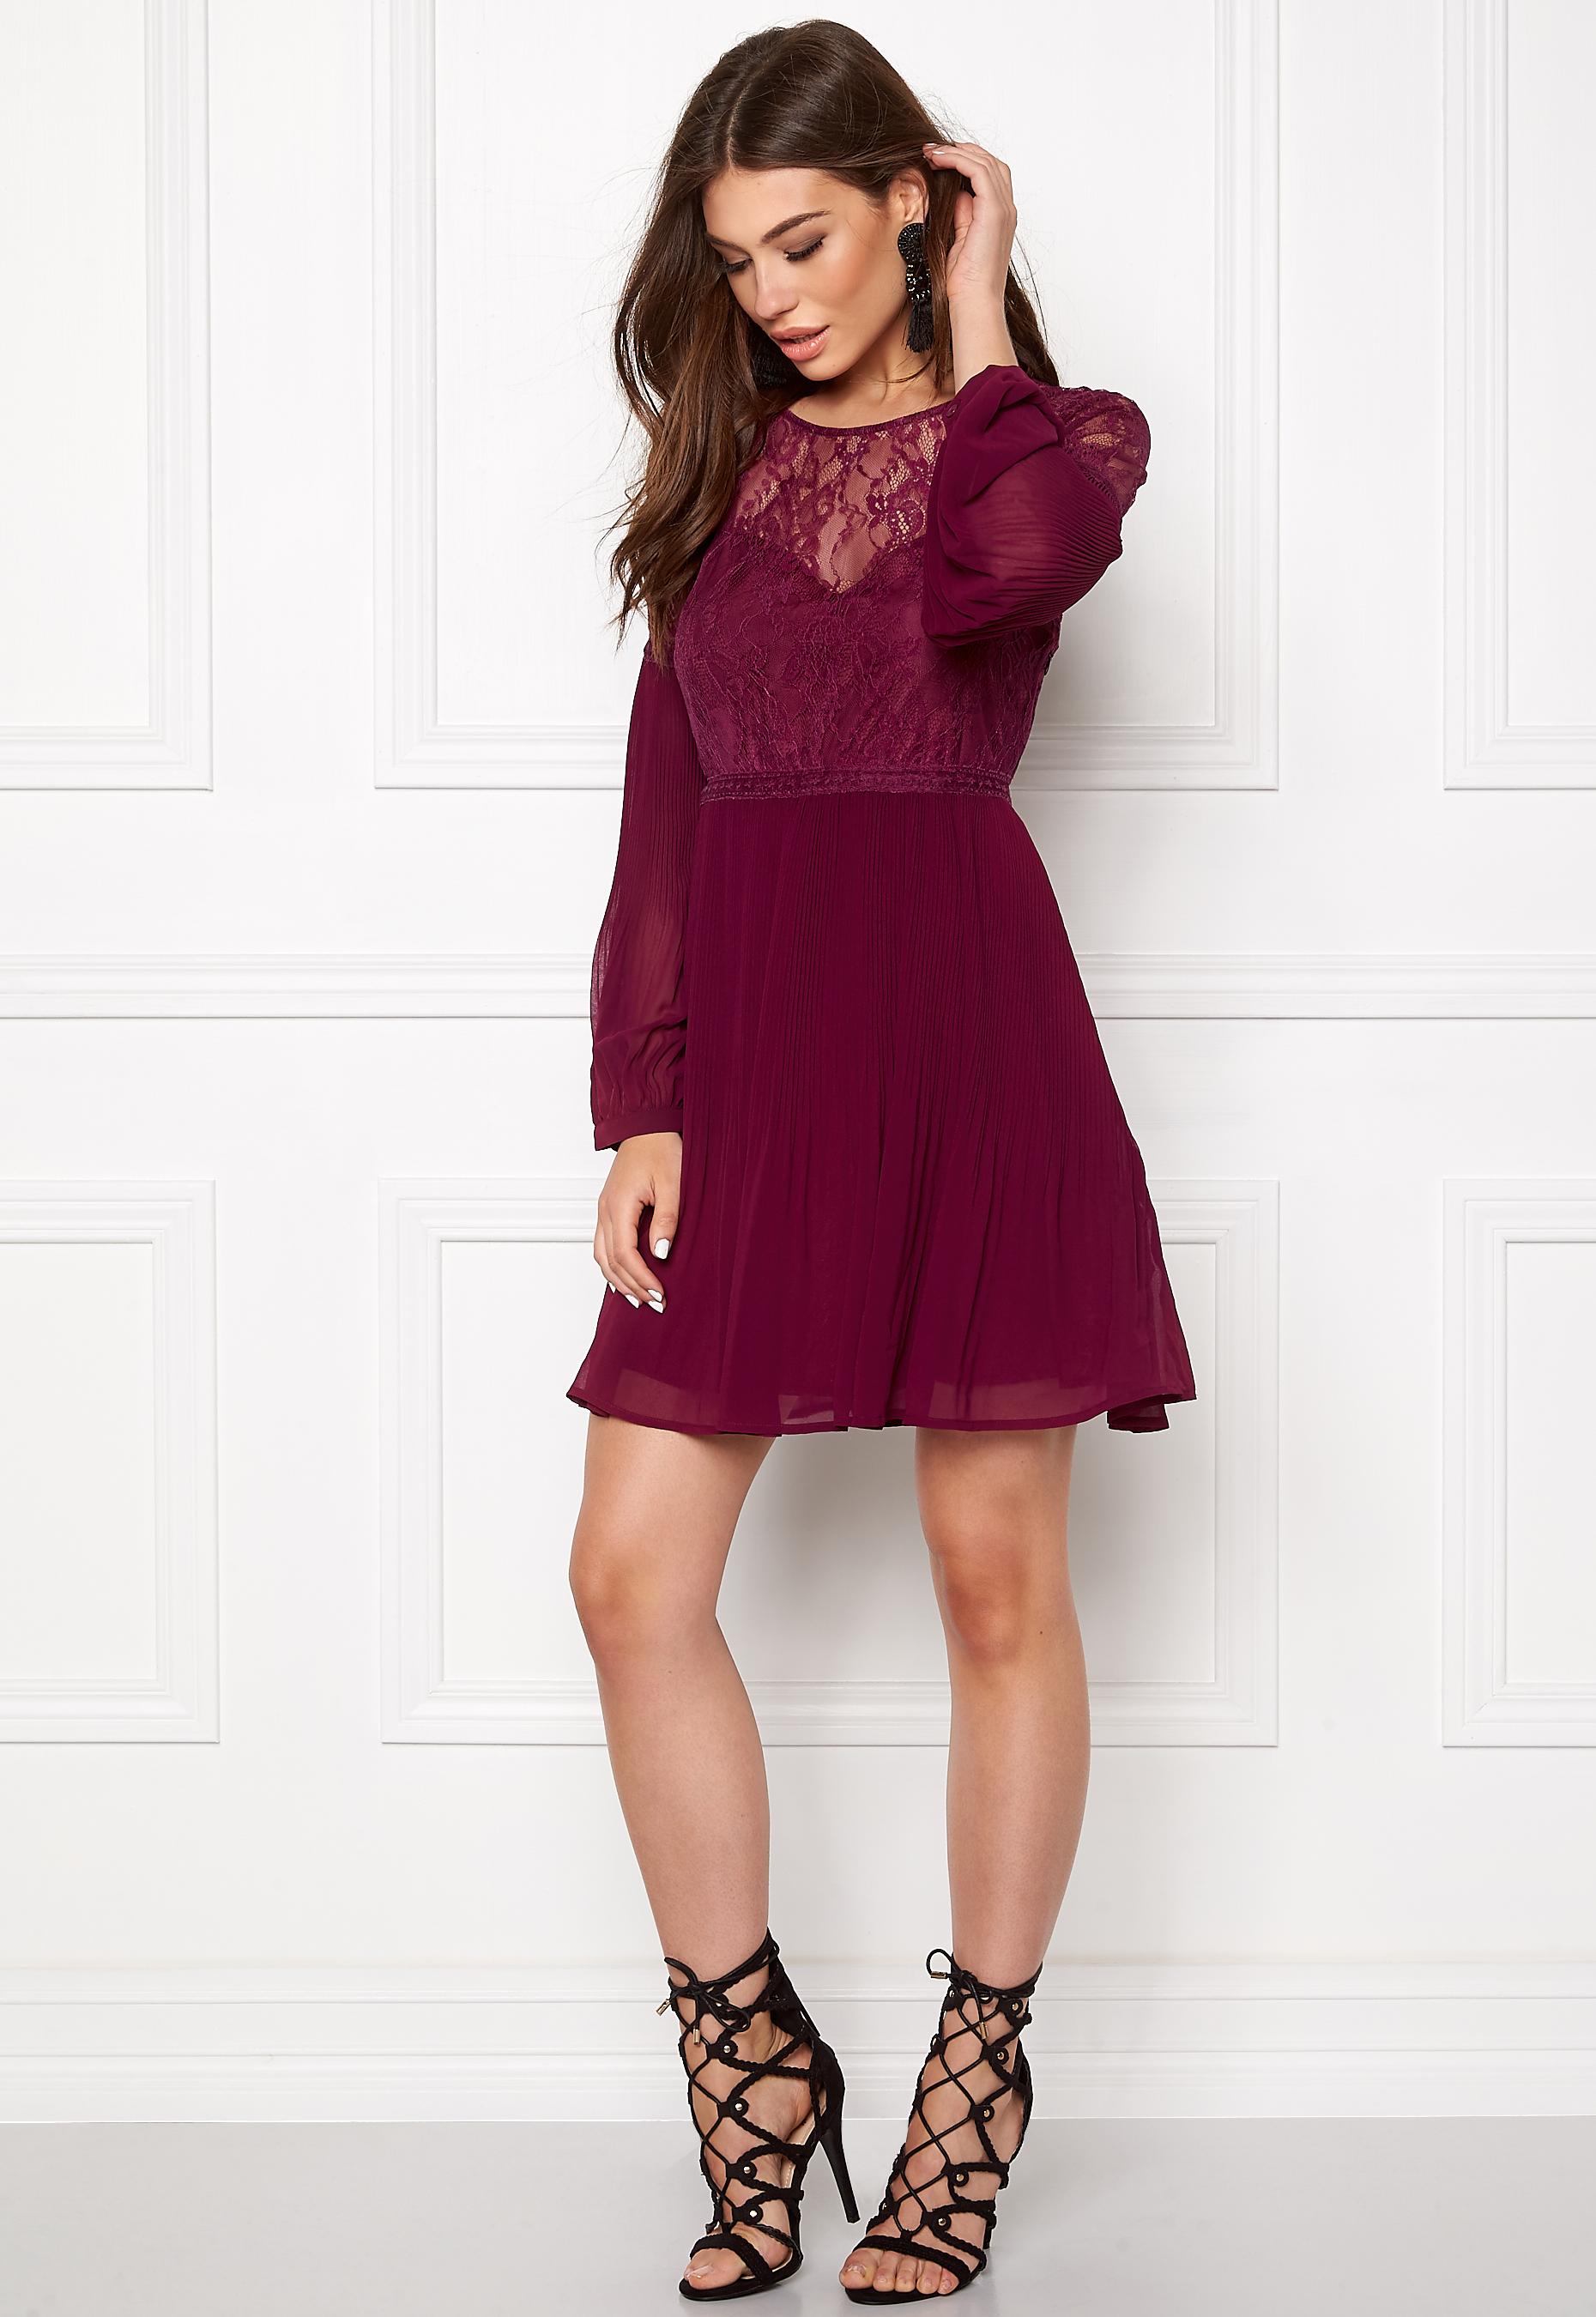 a2df1176a46b Make Way Admira Dress Purple / Red - Bubbleroom